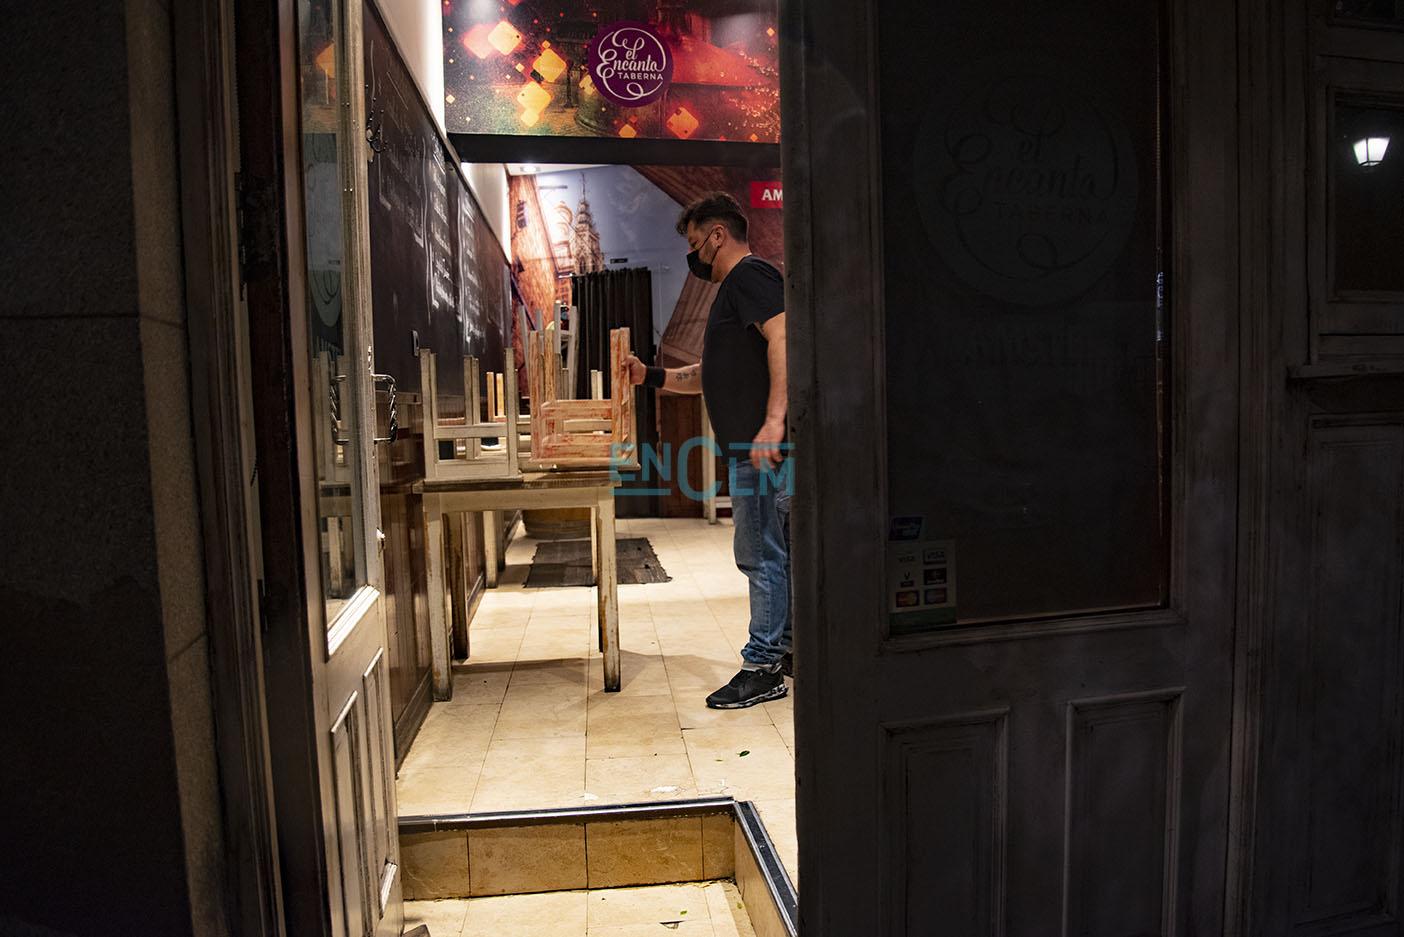 Los interiores de los bares en Toledo permanecerán cerrados hasta, al menos, el próximo 15 de noviembre, mientras esté en nivel 3.